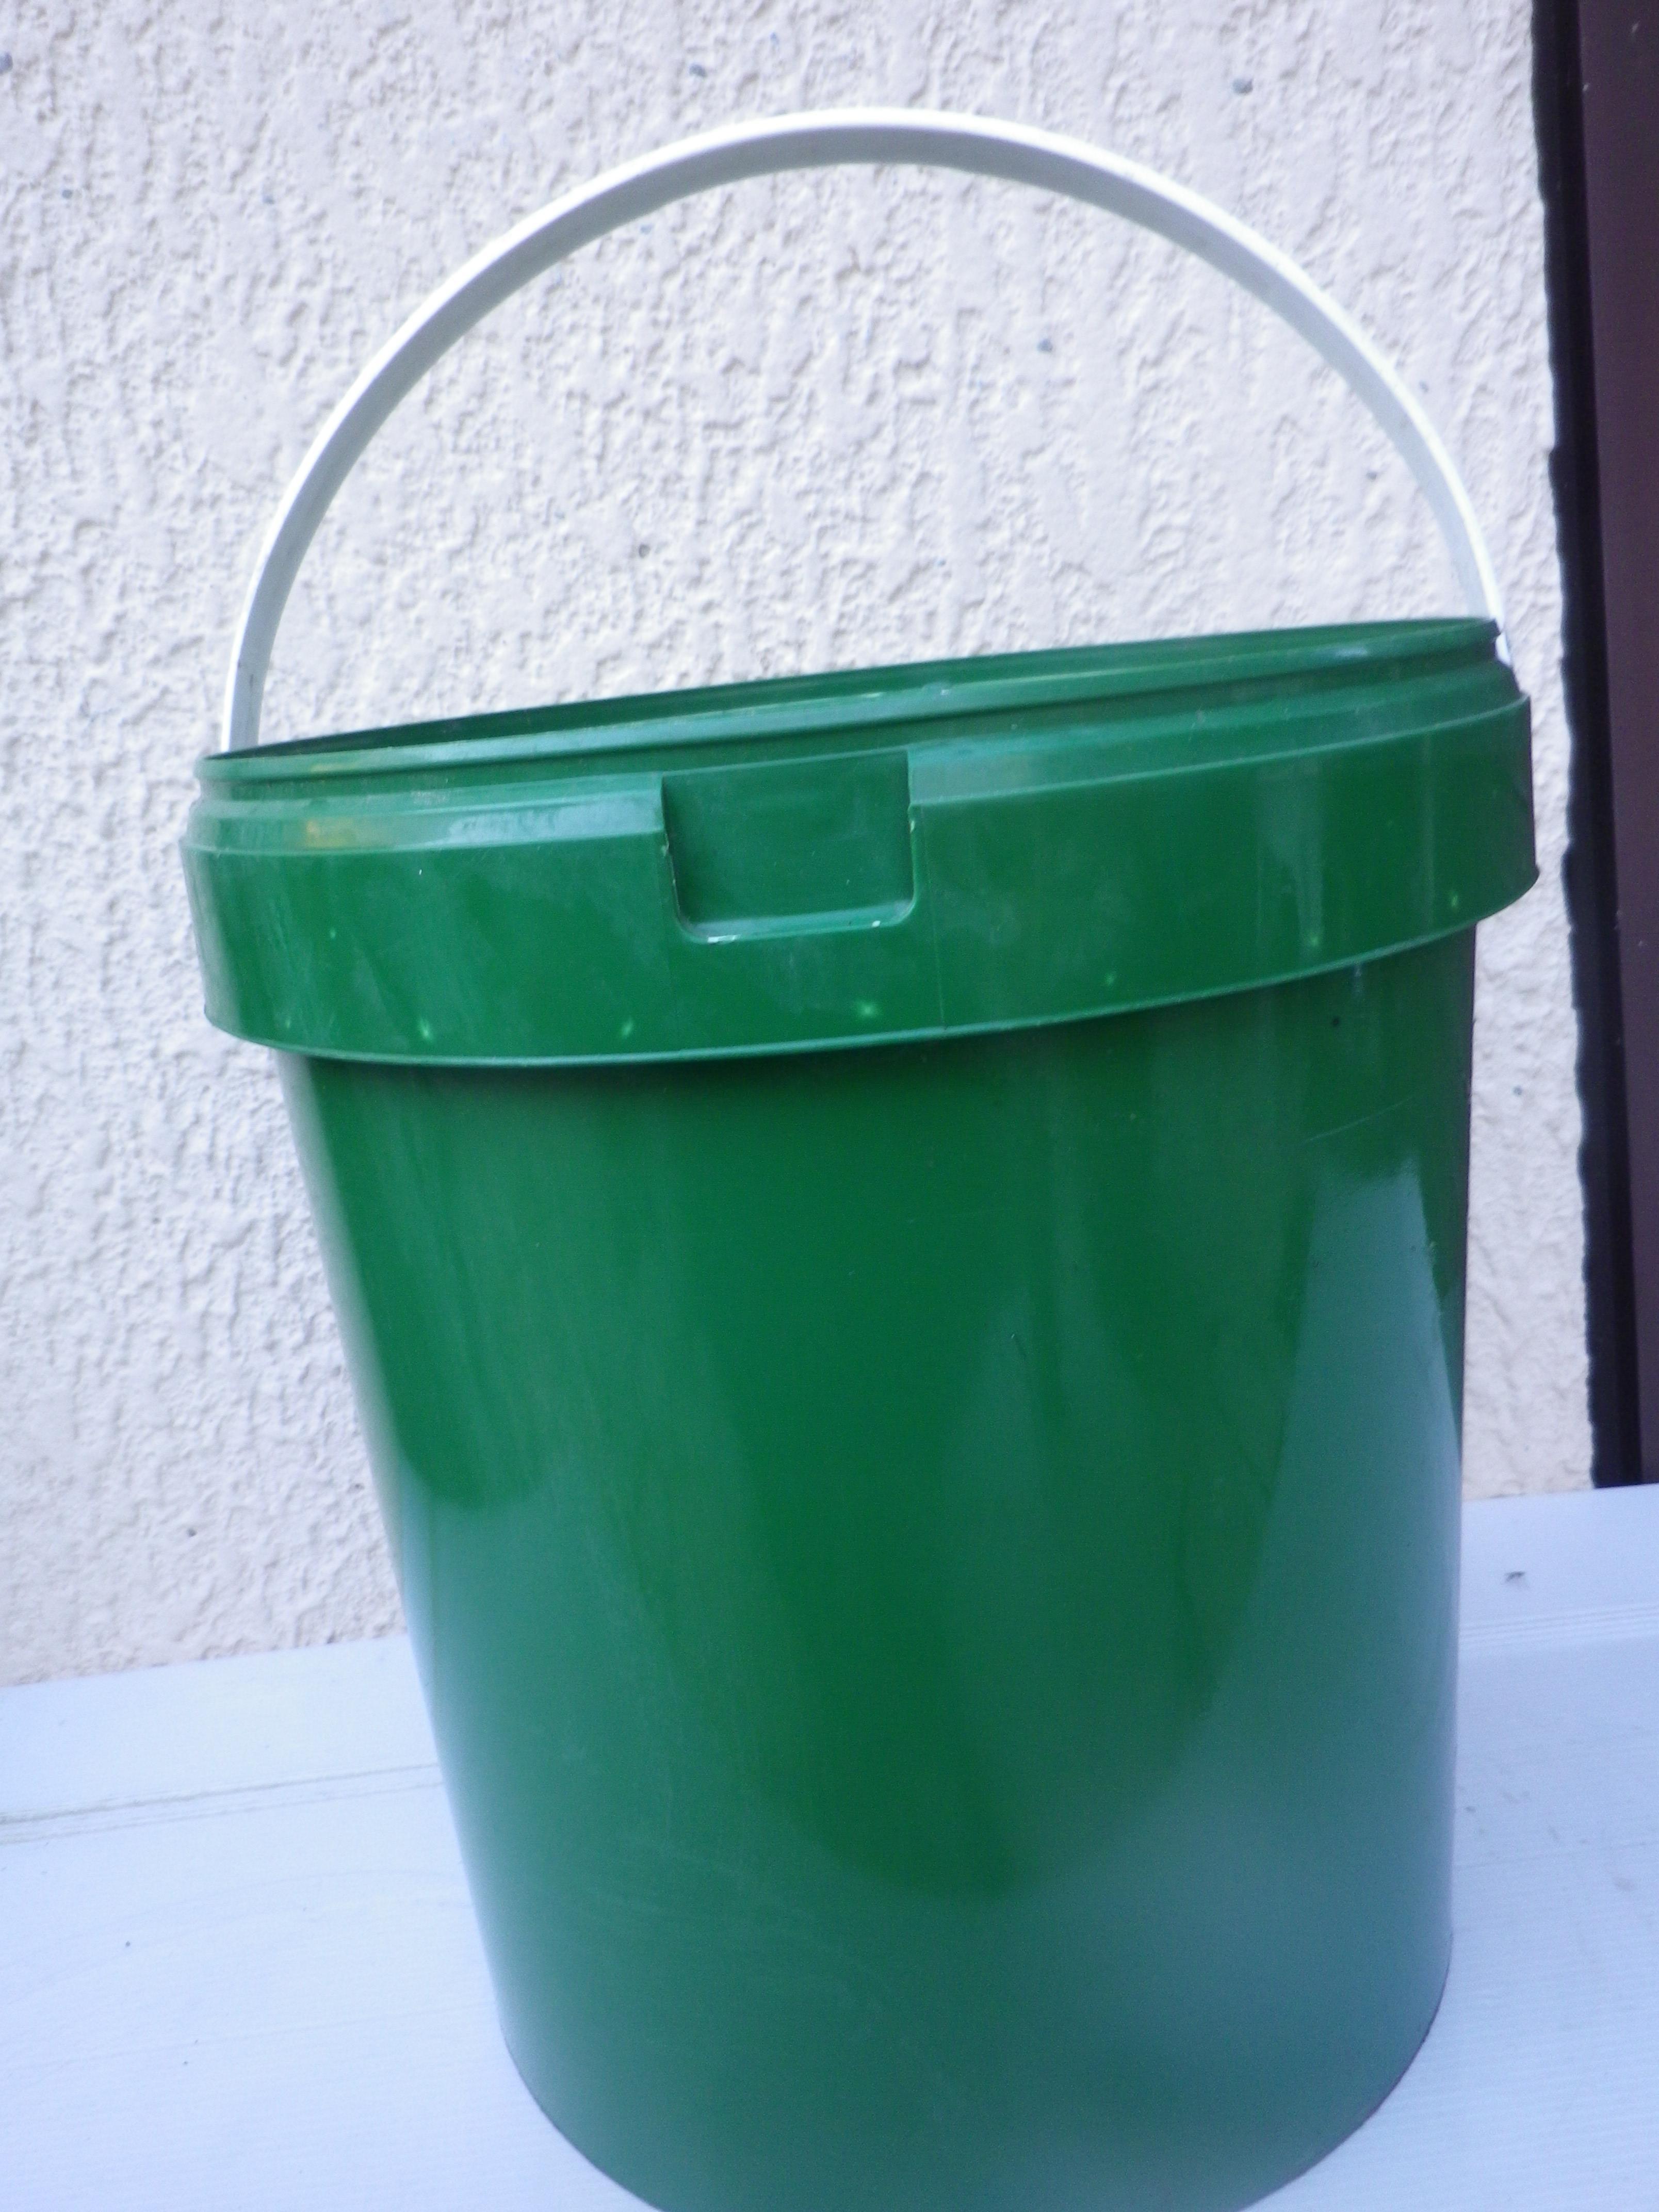 troc de troc 1 seau  coloris vert avec couvercle image 0